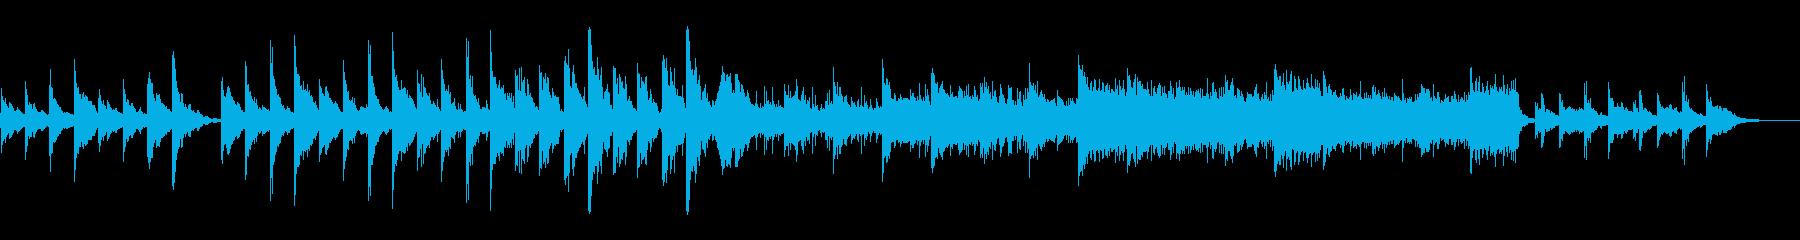 幻想的な雰囲気のピアノの再生済みの波形